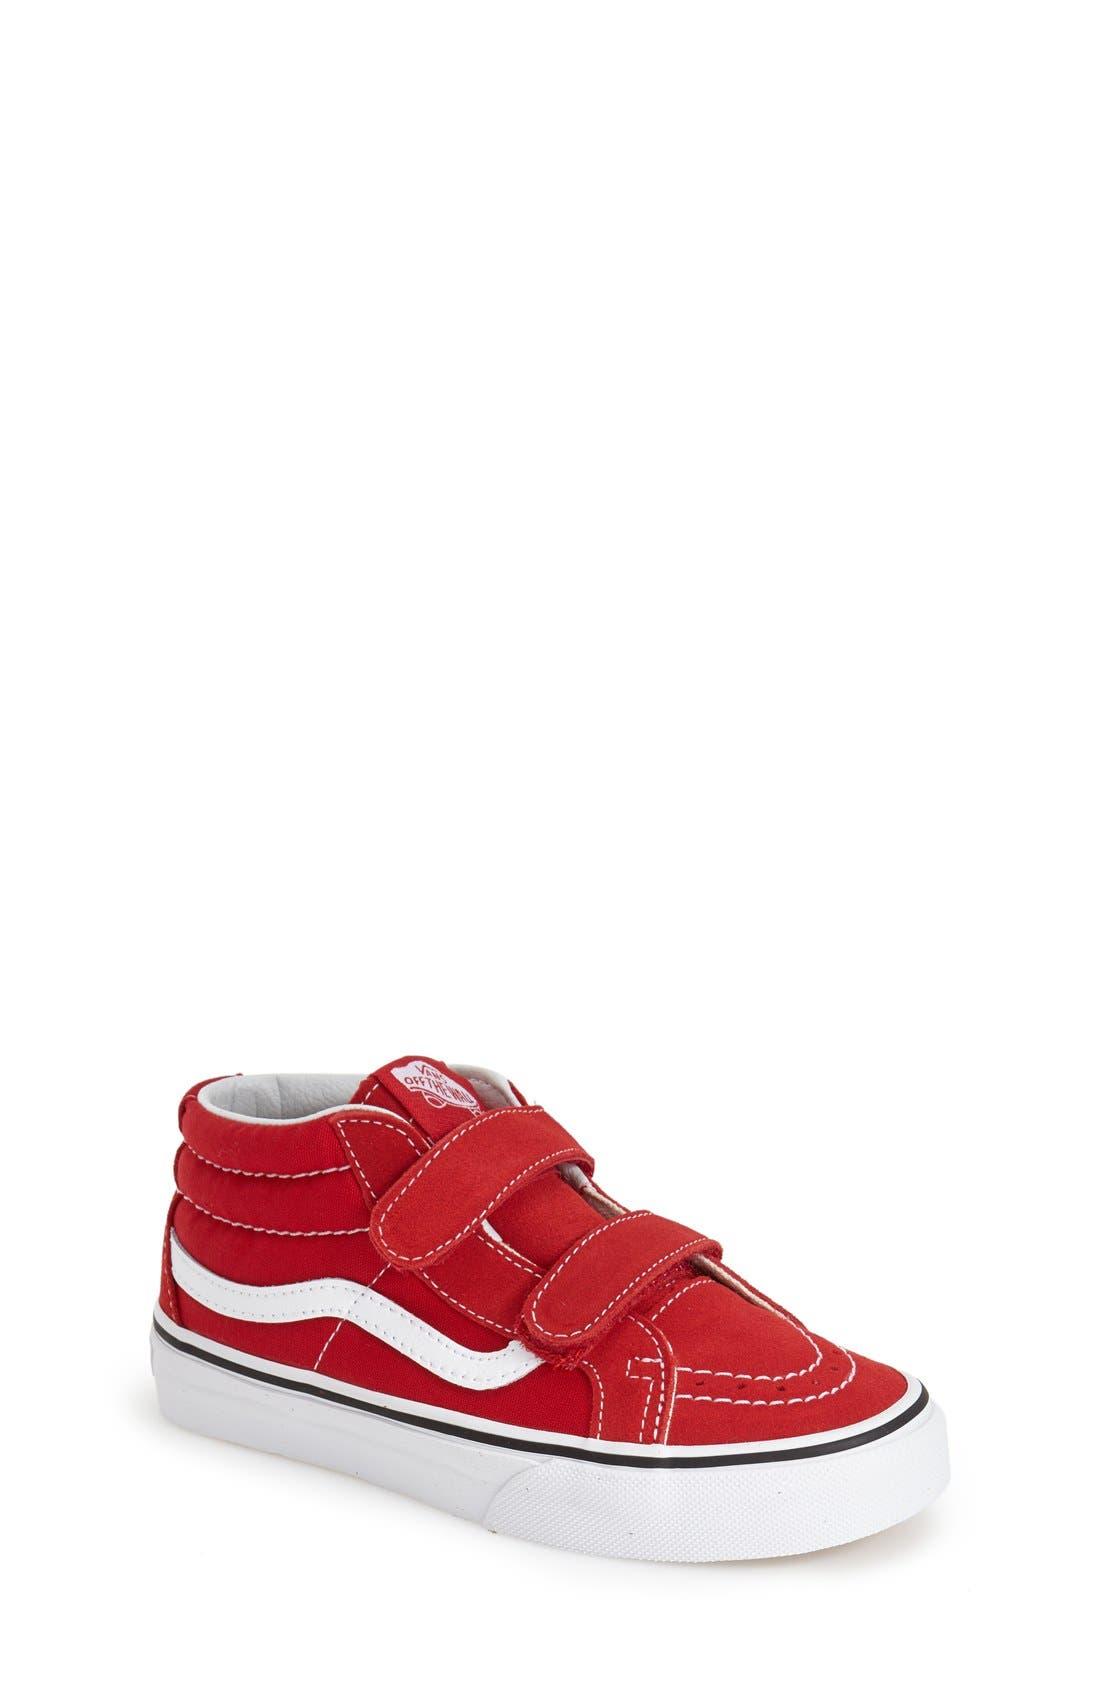 VANS 'Sk8-Hi Reissue V' Sneaker, Main, color, FORMULA ONE/ TRUE WHITE